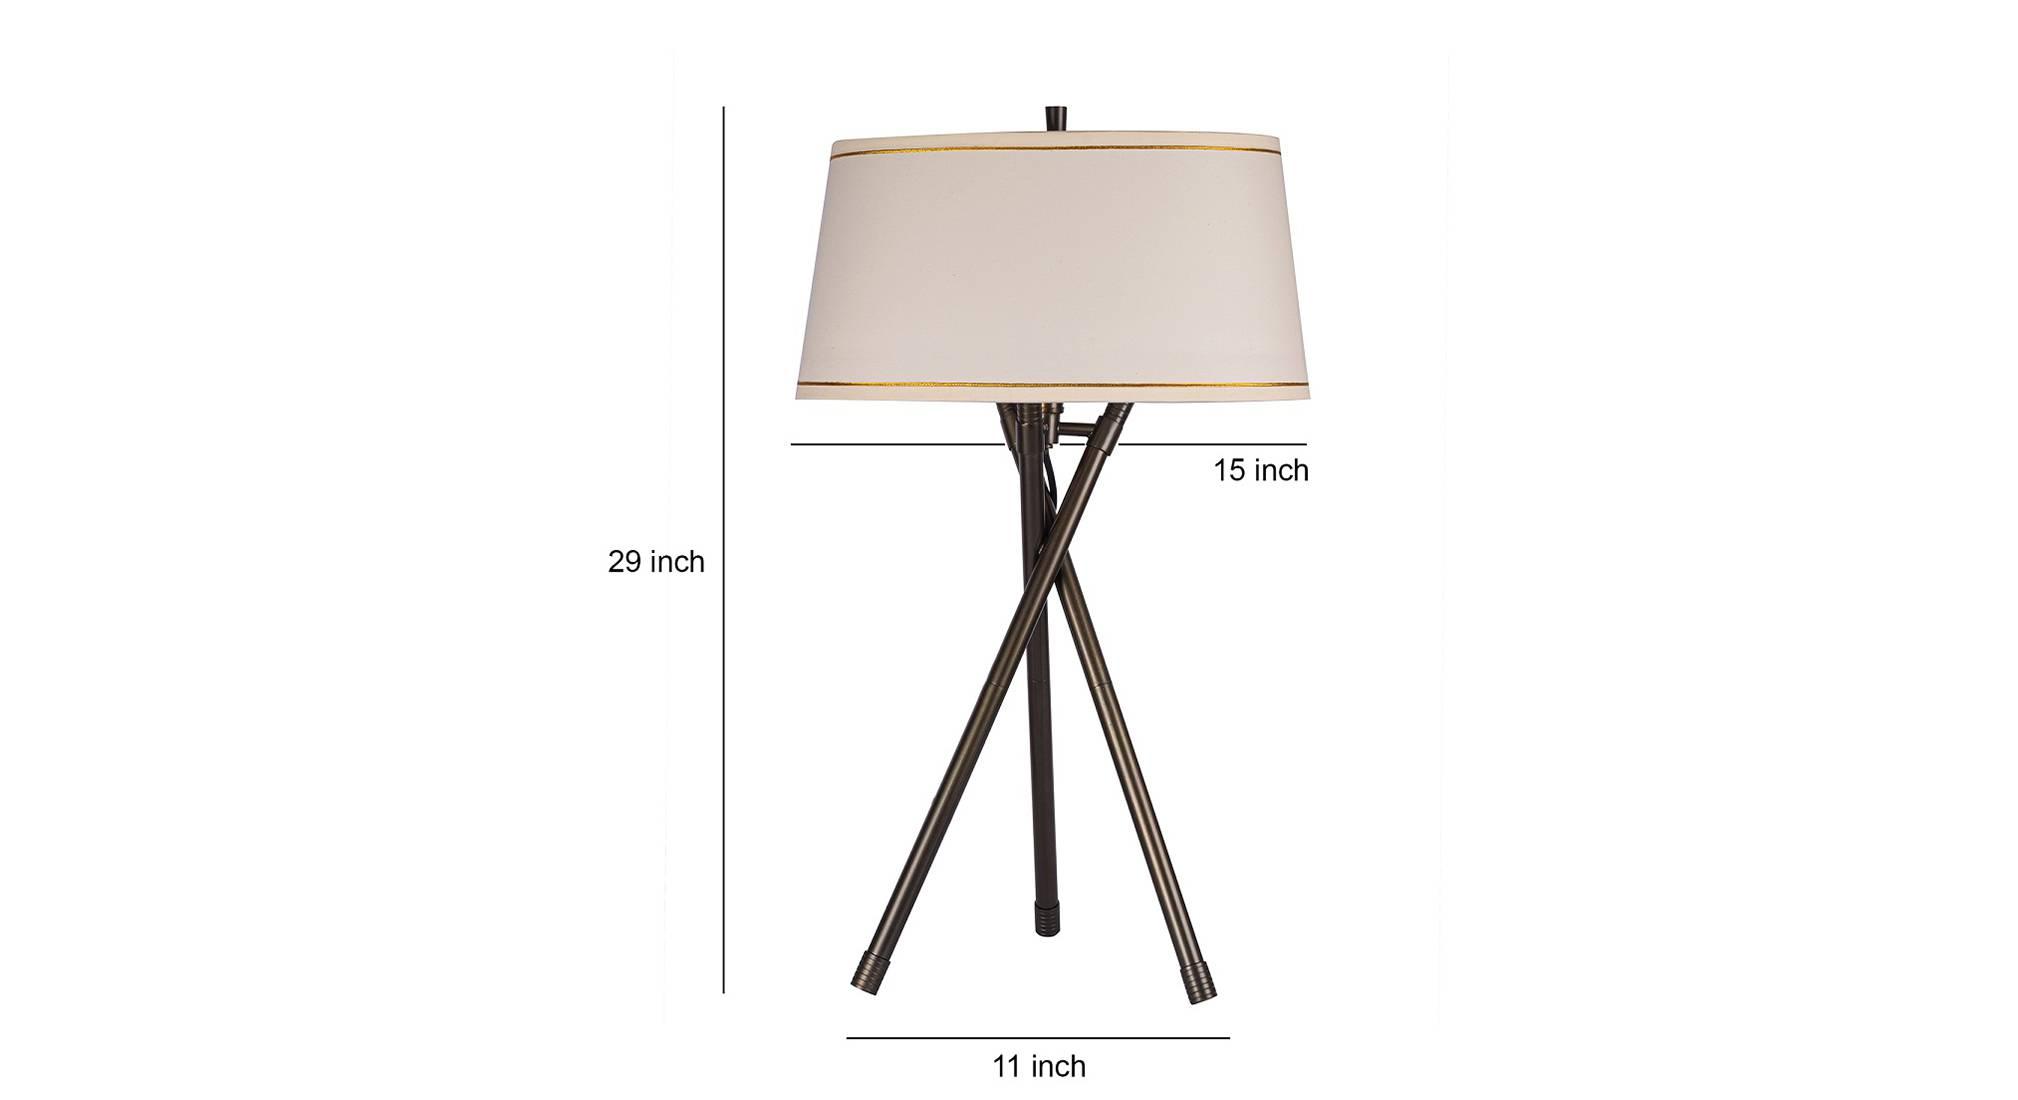 Hesser table lamp 6